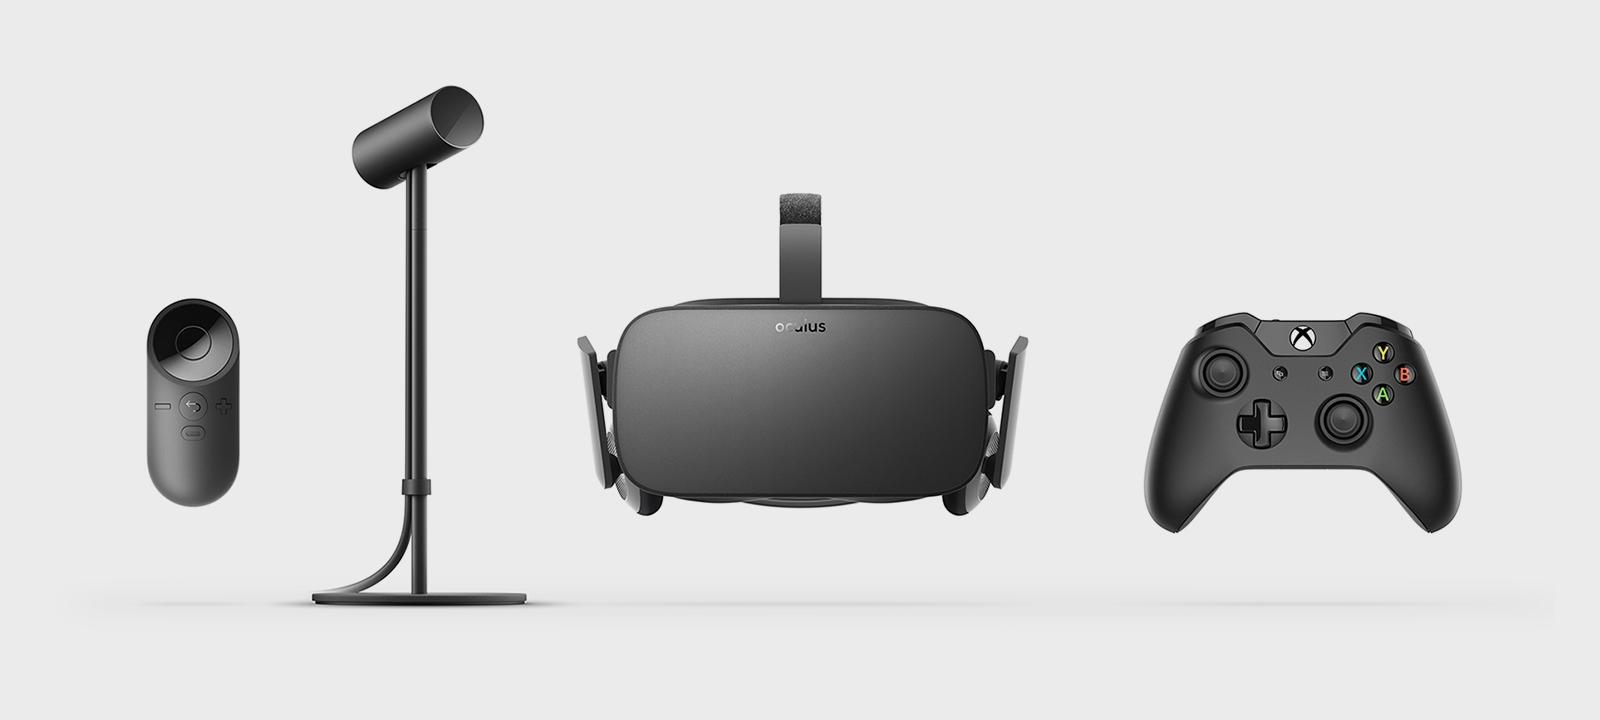 Obsah balenia virtuálnej reality Oculus Rift. Firma spolupracuje s Microsoftom, takže v každom balení nájdete herný ovládač pre Xbox One, ktorý funguje aj na počítačoch